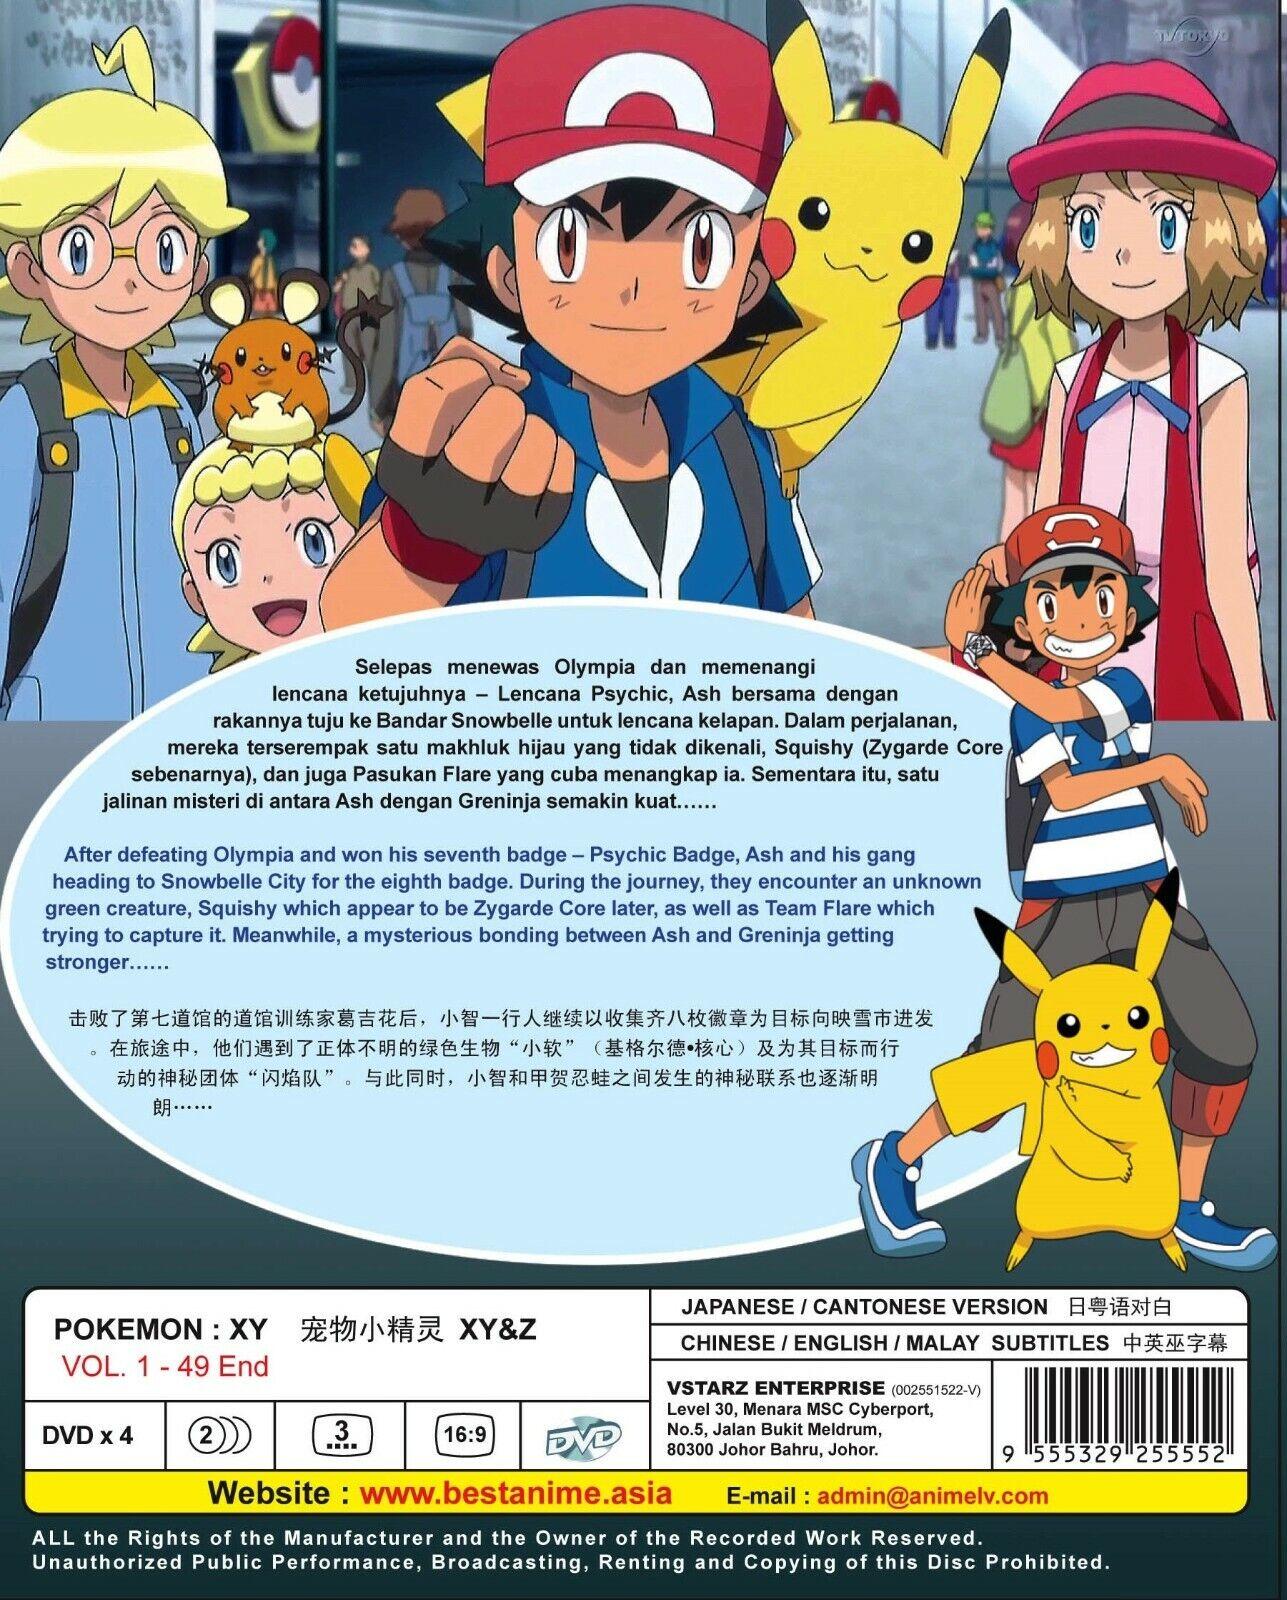 Neue Produkte im Herbst / Winter Pokemon XY & Z Vol.1-49 End B  Produktübersetzung -www.gradatim.co.in